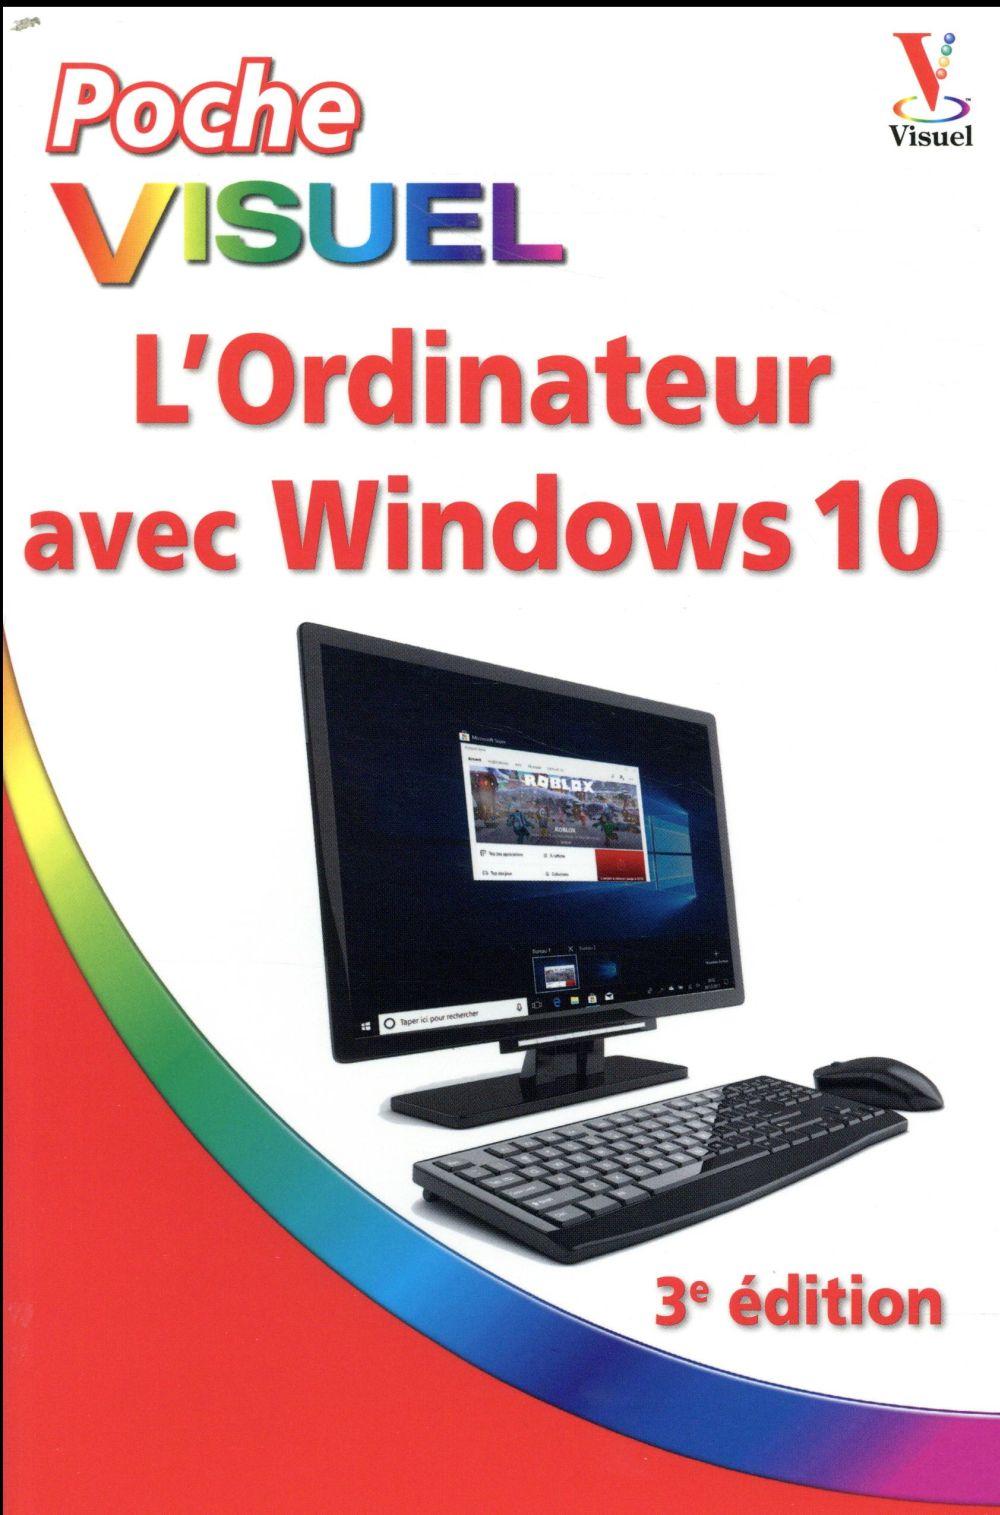 L'ORDINATEUR AVEC WINDOWS 10 - POCHE VISUEL - 3E EDITION  FIRST